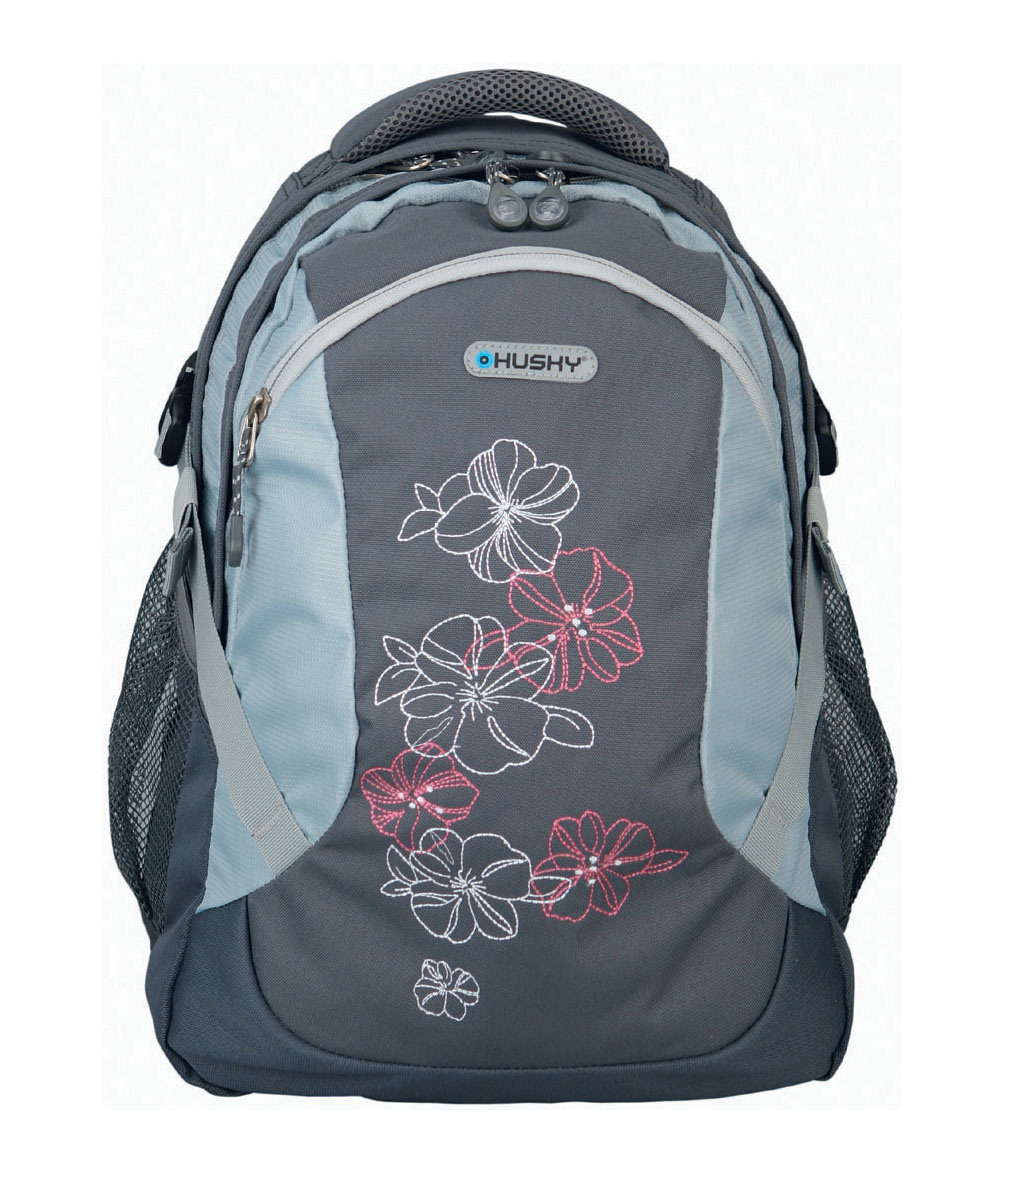 Рюкзак husky pink 23 купить рюкзак от avon джинни отзывы